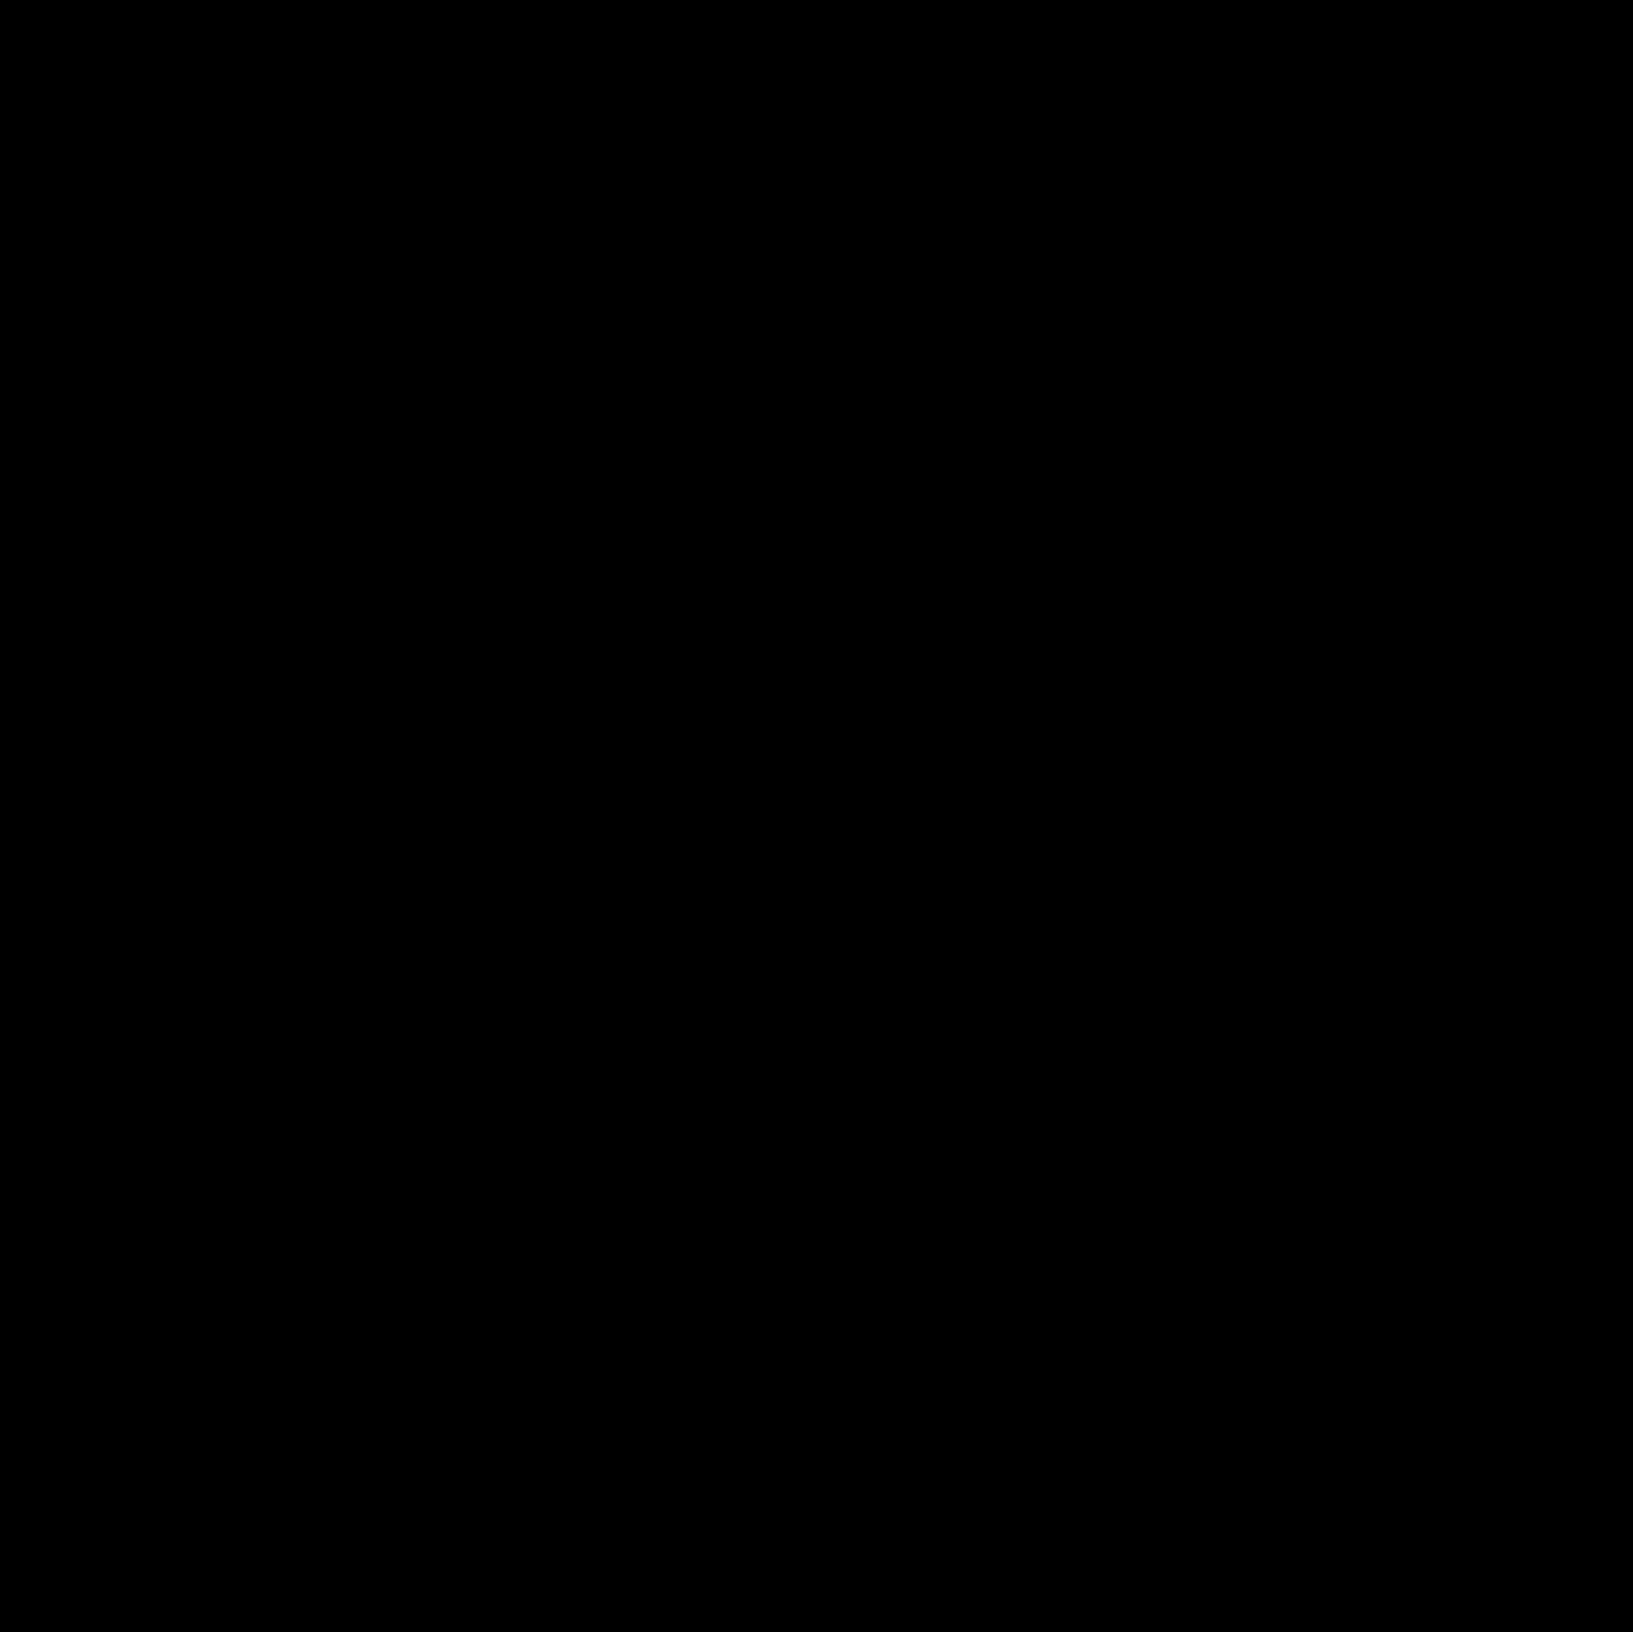 Abstract Vortex Round Shape